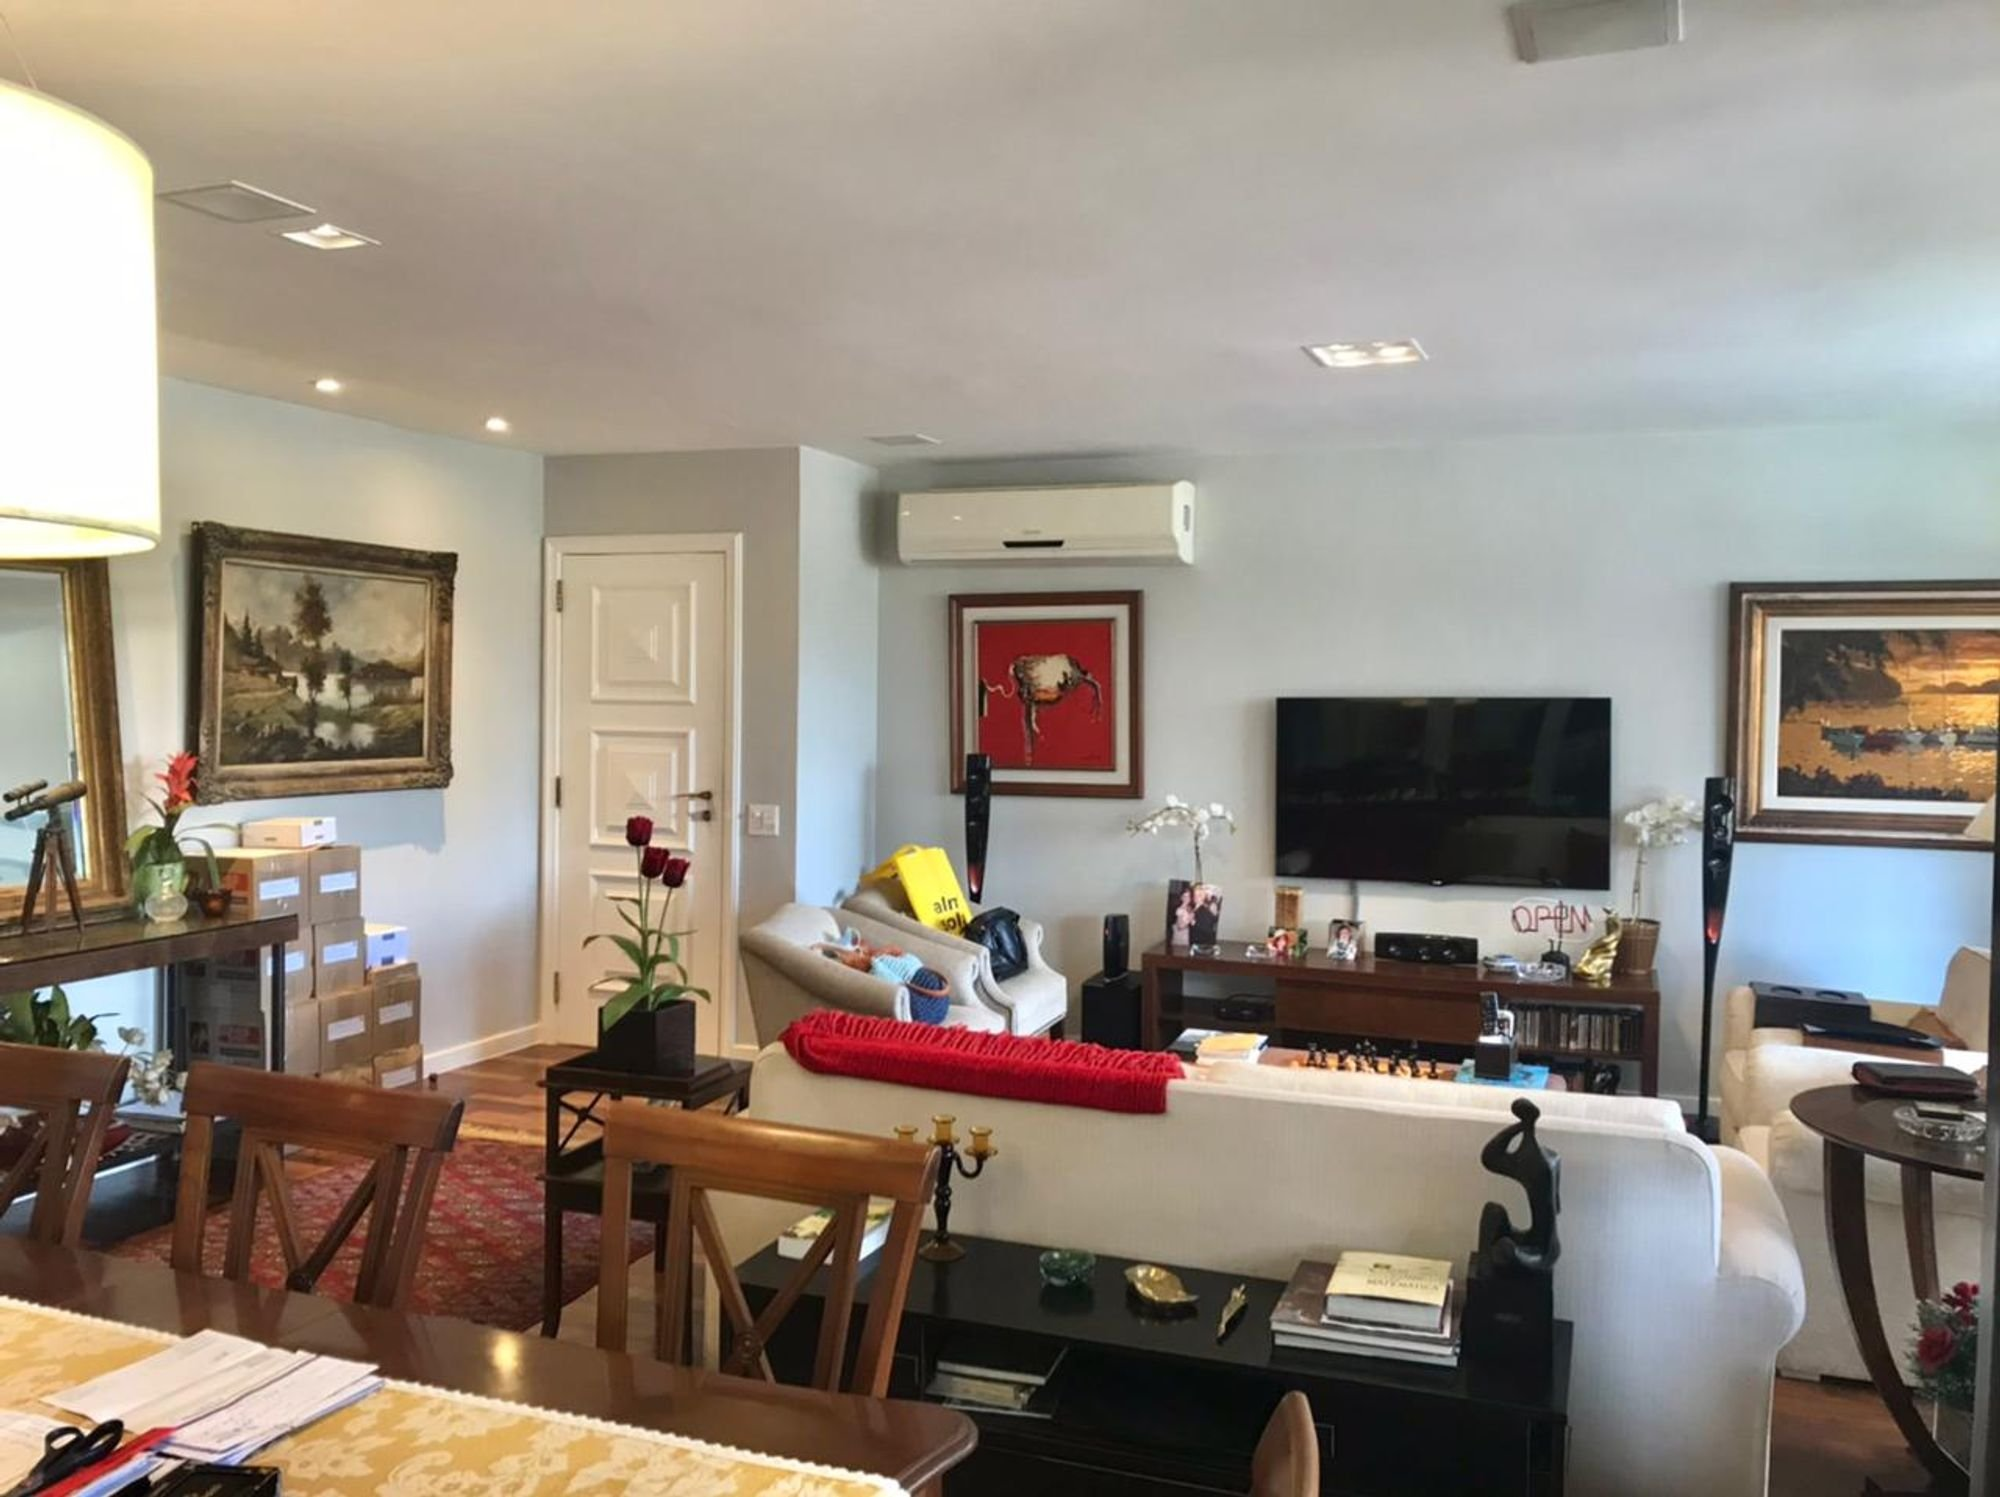 Foto de Sala com vaso de planta, televisão, pessoa, cadeira, livro, mesa de jantar, vaso